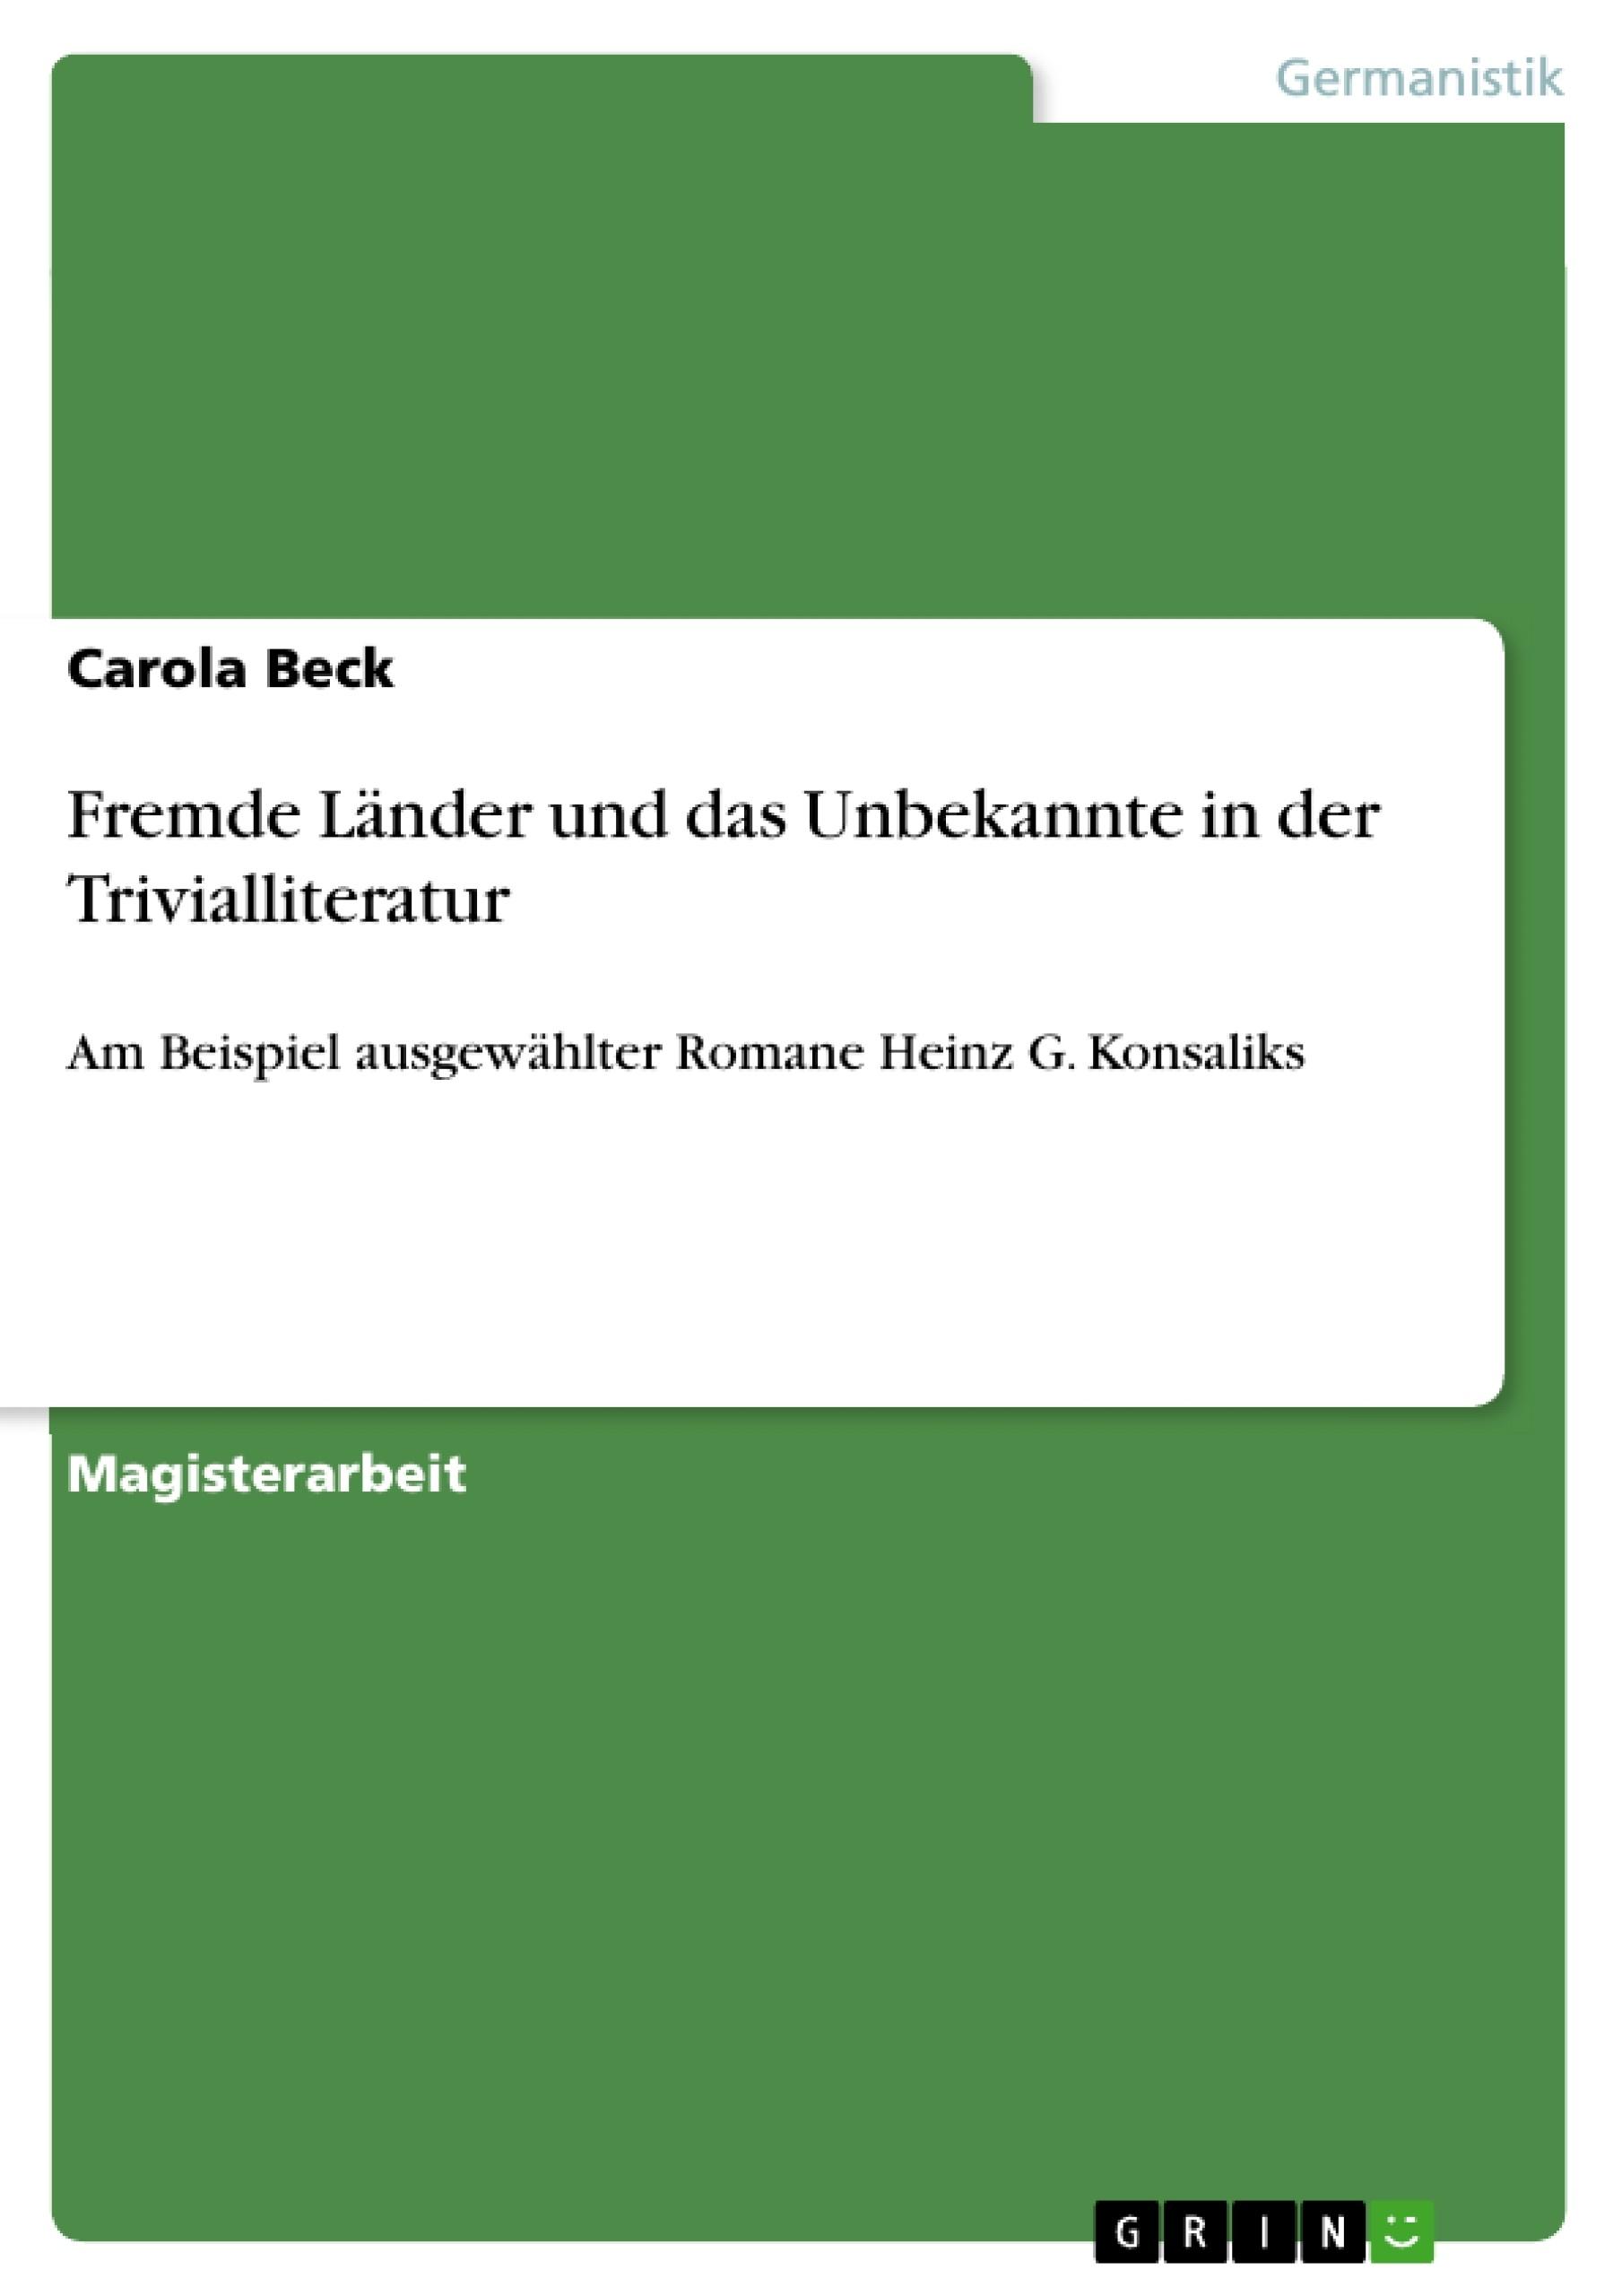 Titel: Fremde Länder und das Unbekannte in der Trivialliteratur